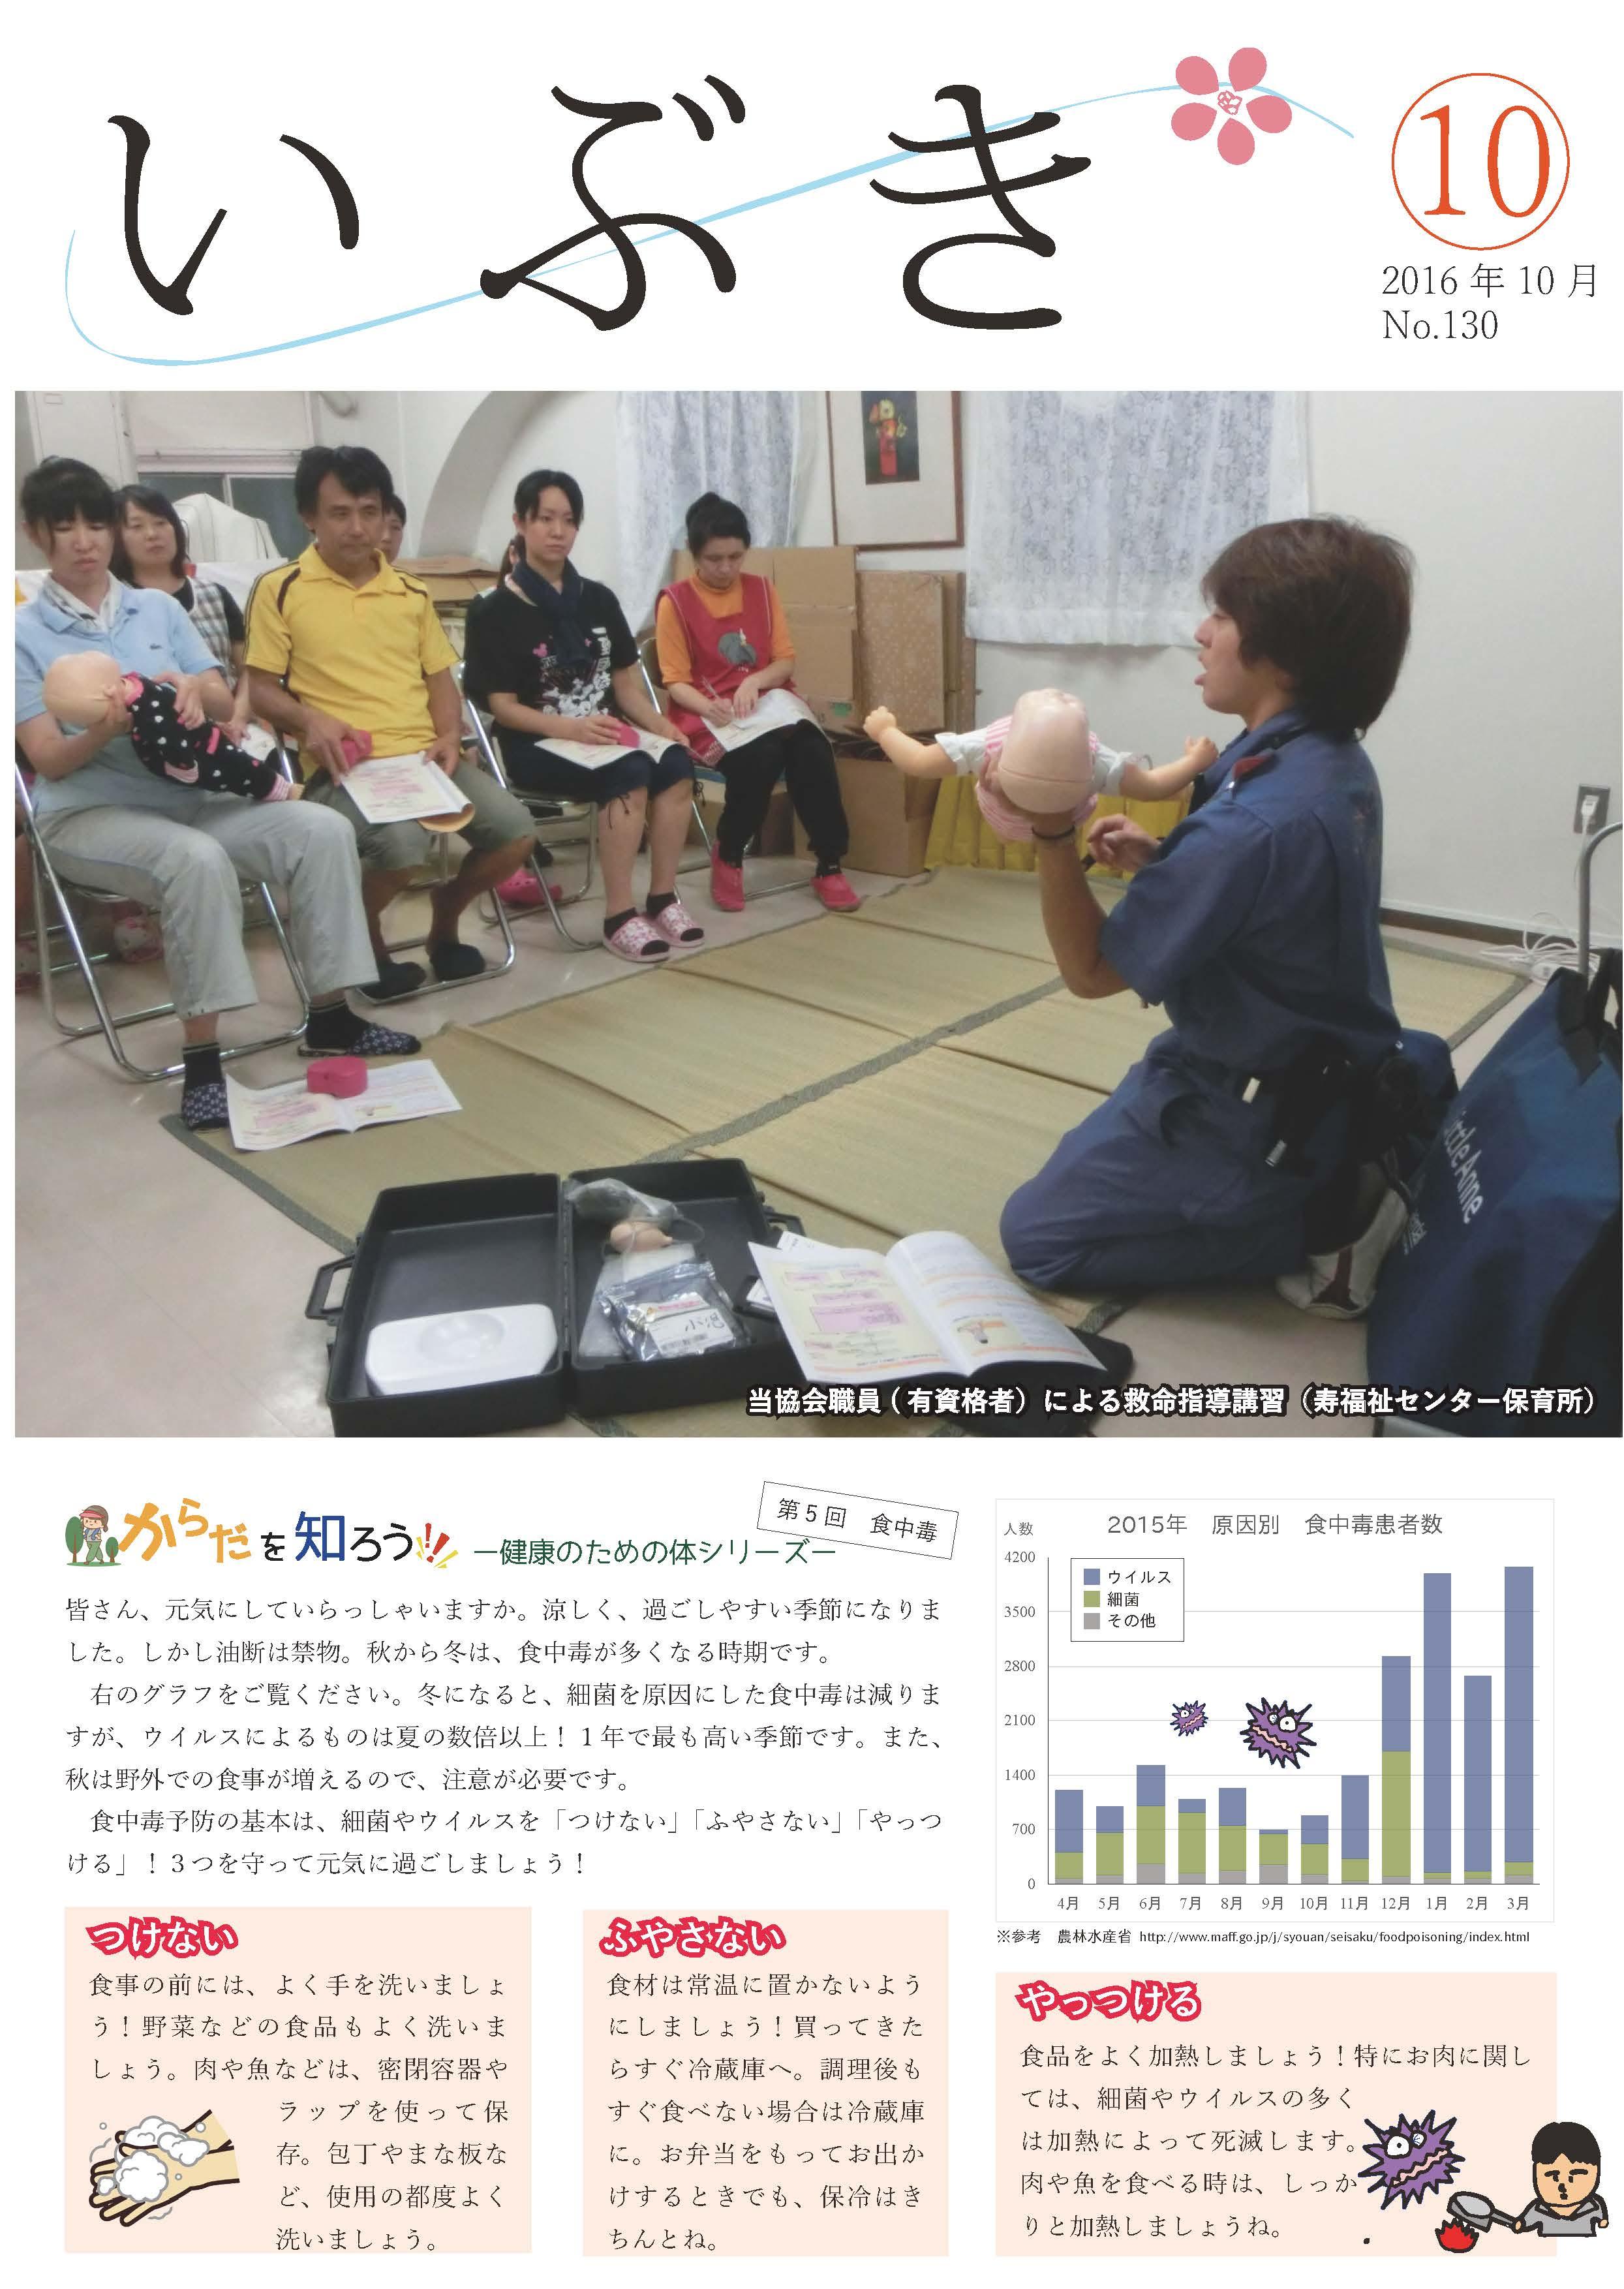 広報誌いぶき2016.10月号(No.130)